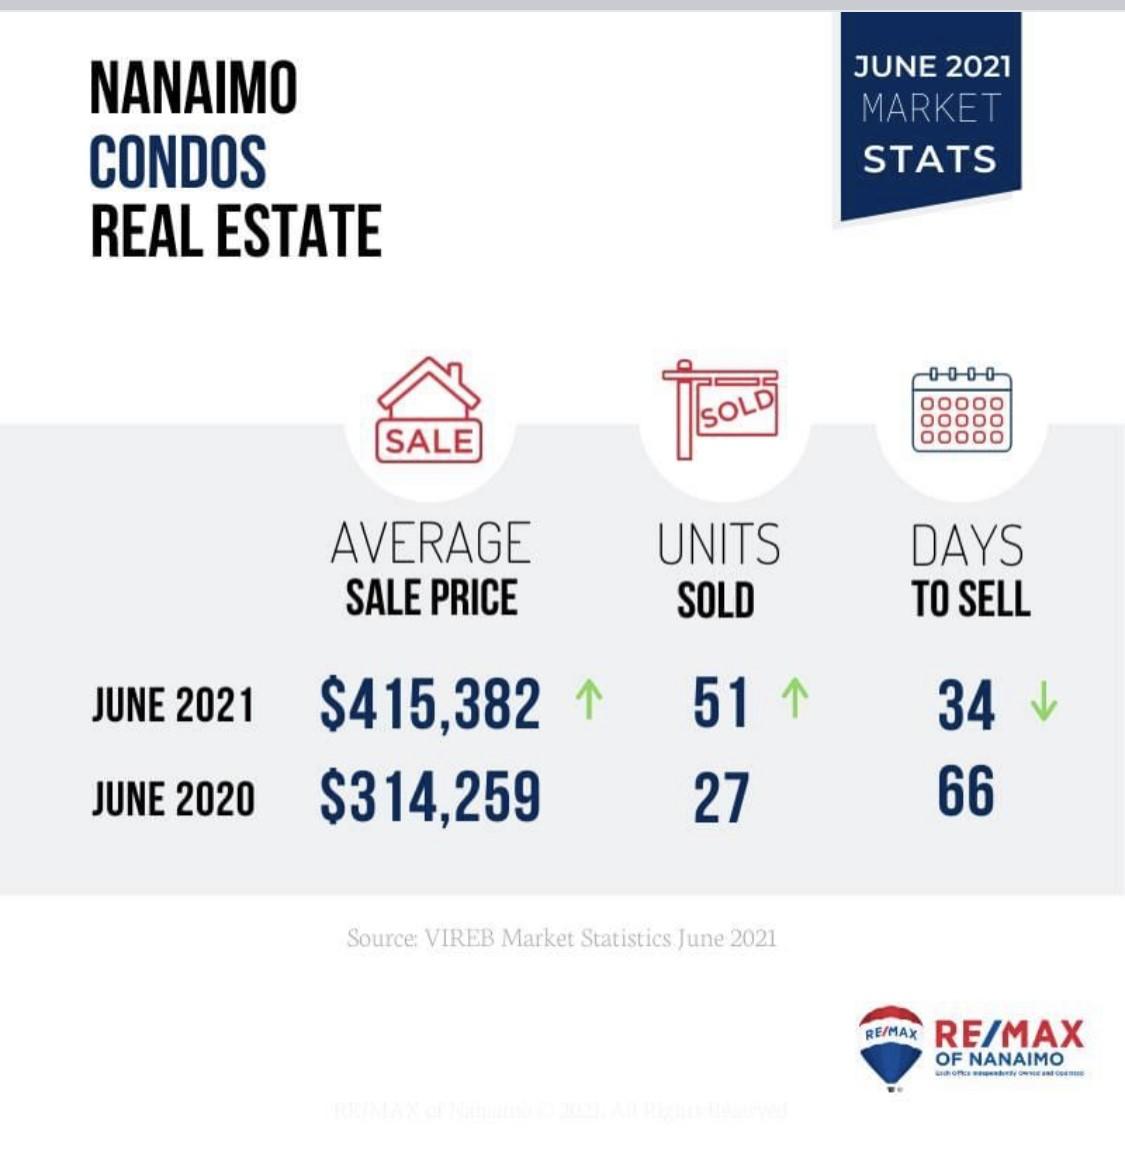 温哥华岛房地产报告 - 2021-6月温哥华岛房地产报告-市场略有降温,但仍保持高需求